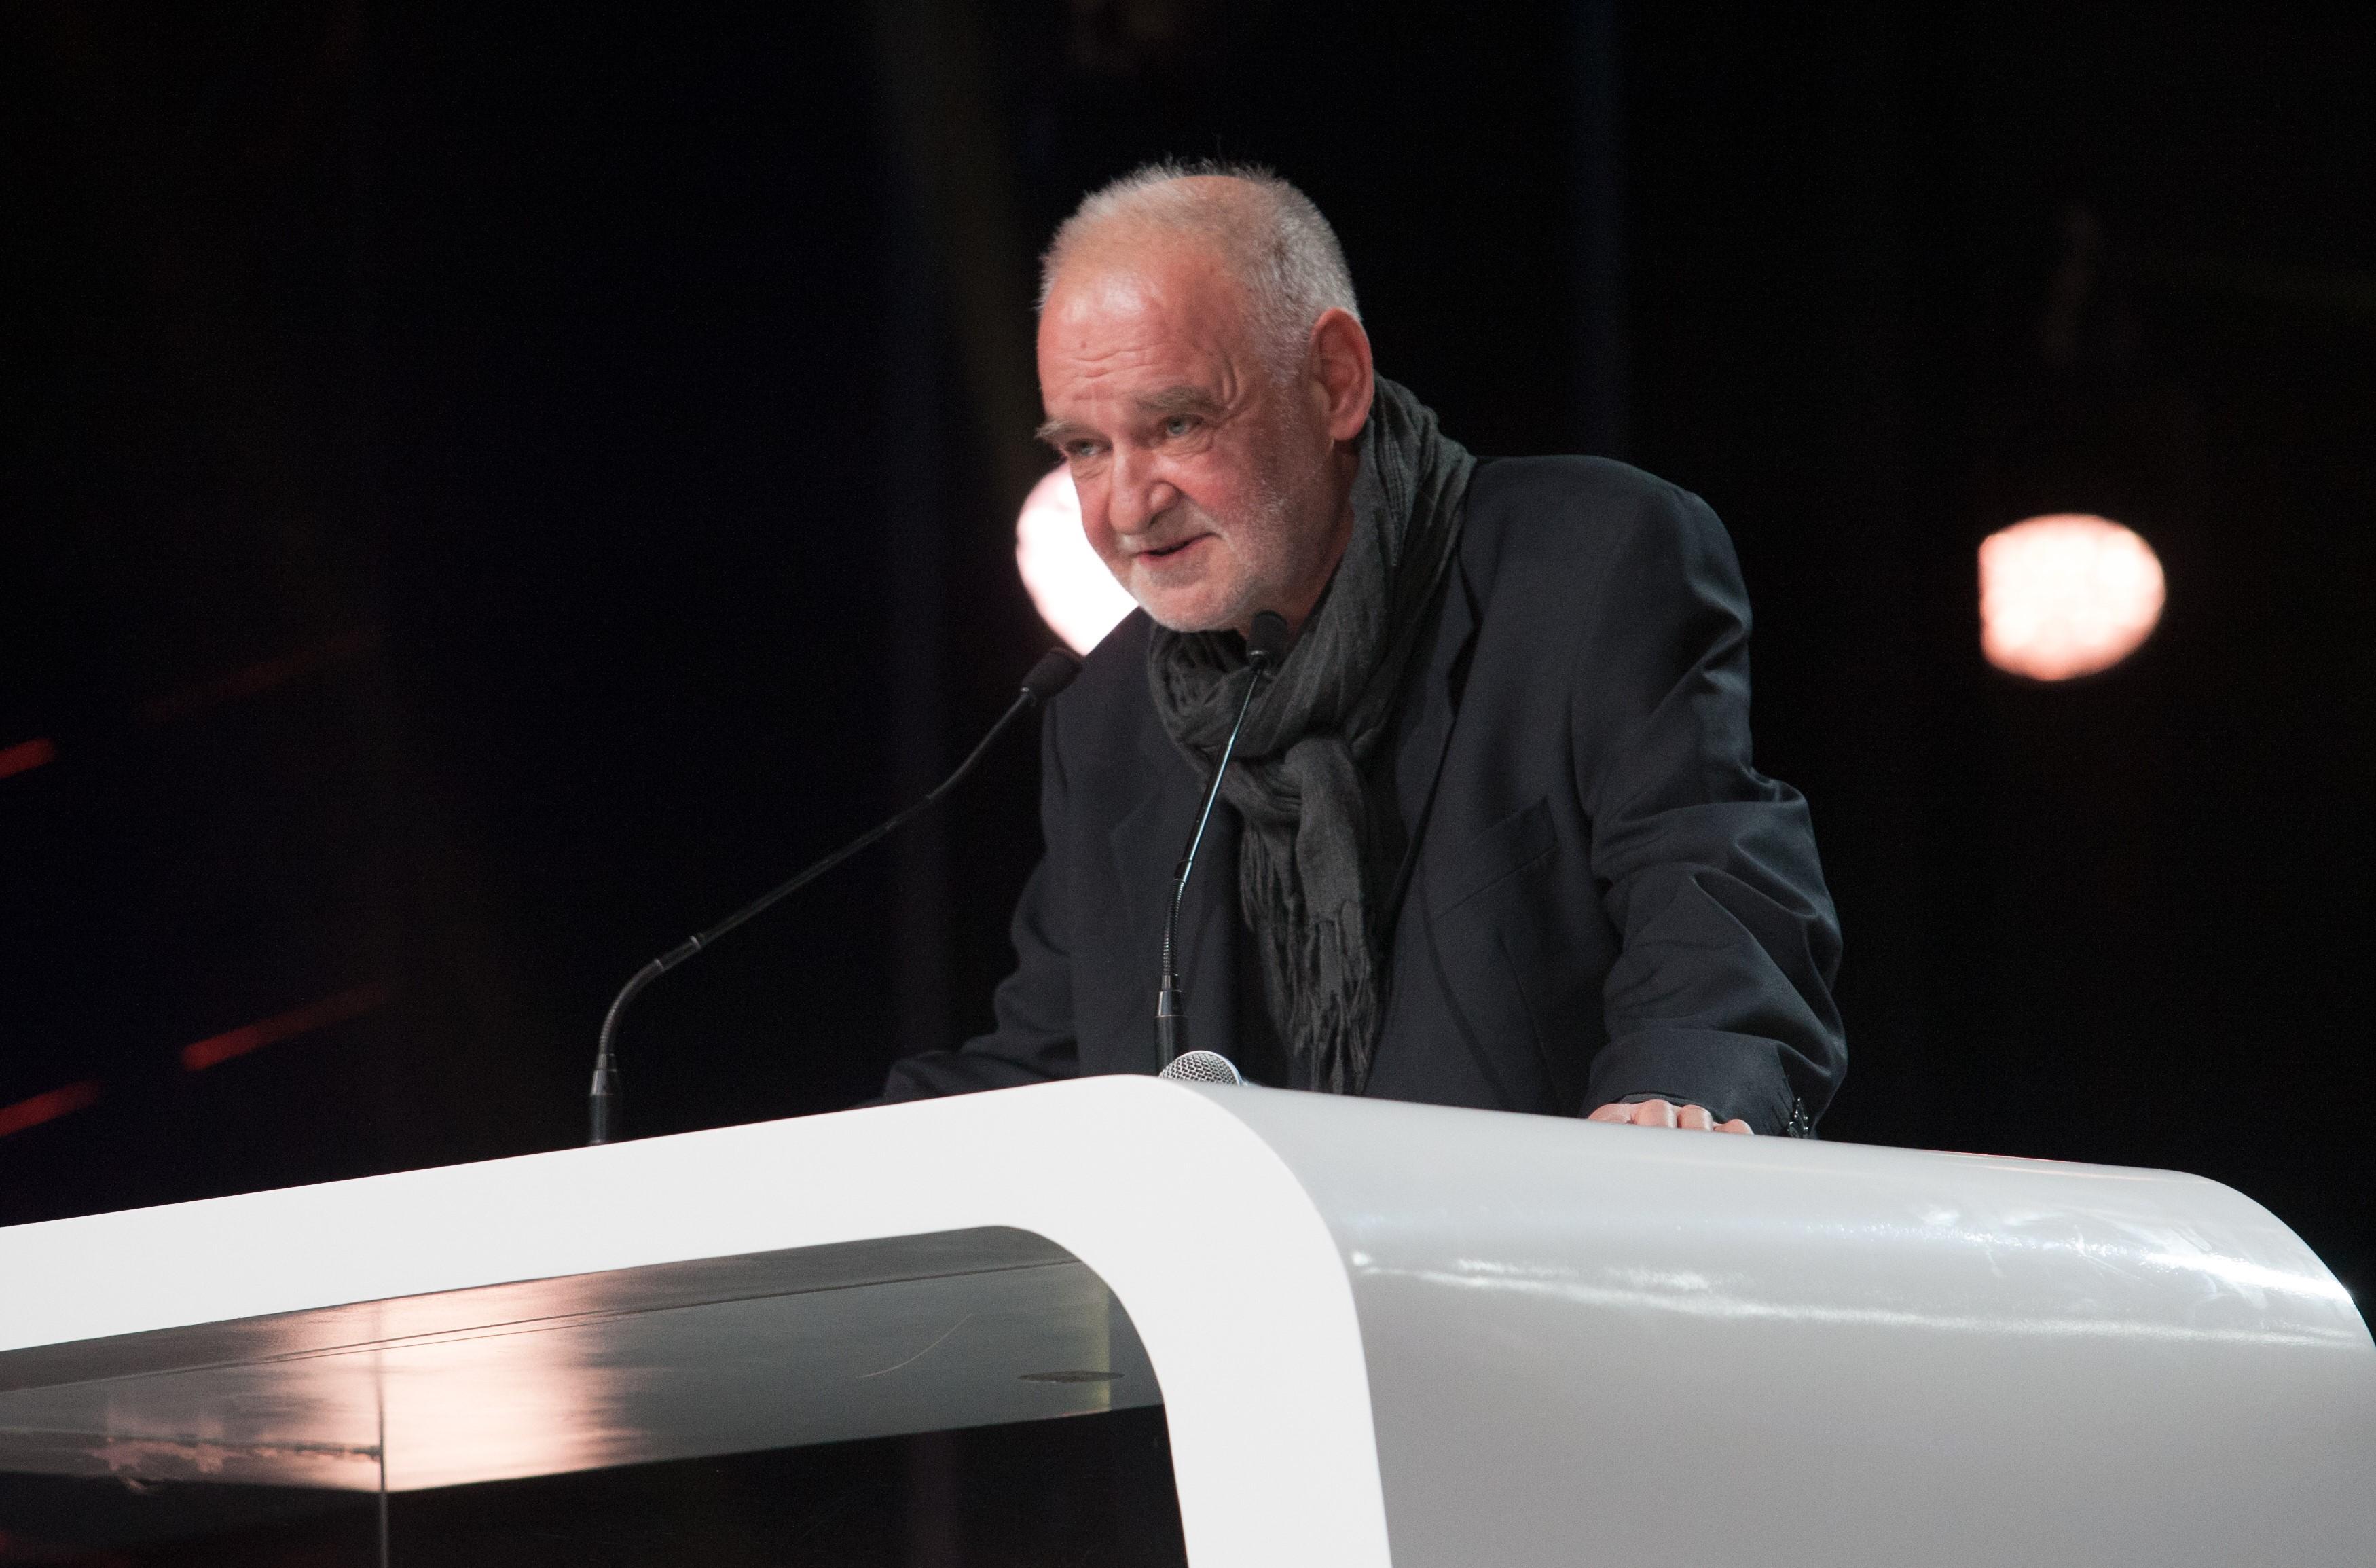 Életműdíjat kapott Tarr Béla egy dublini filmfesztiválon